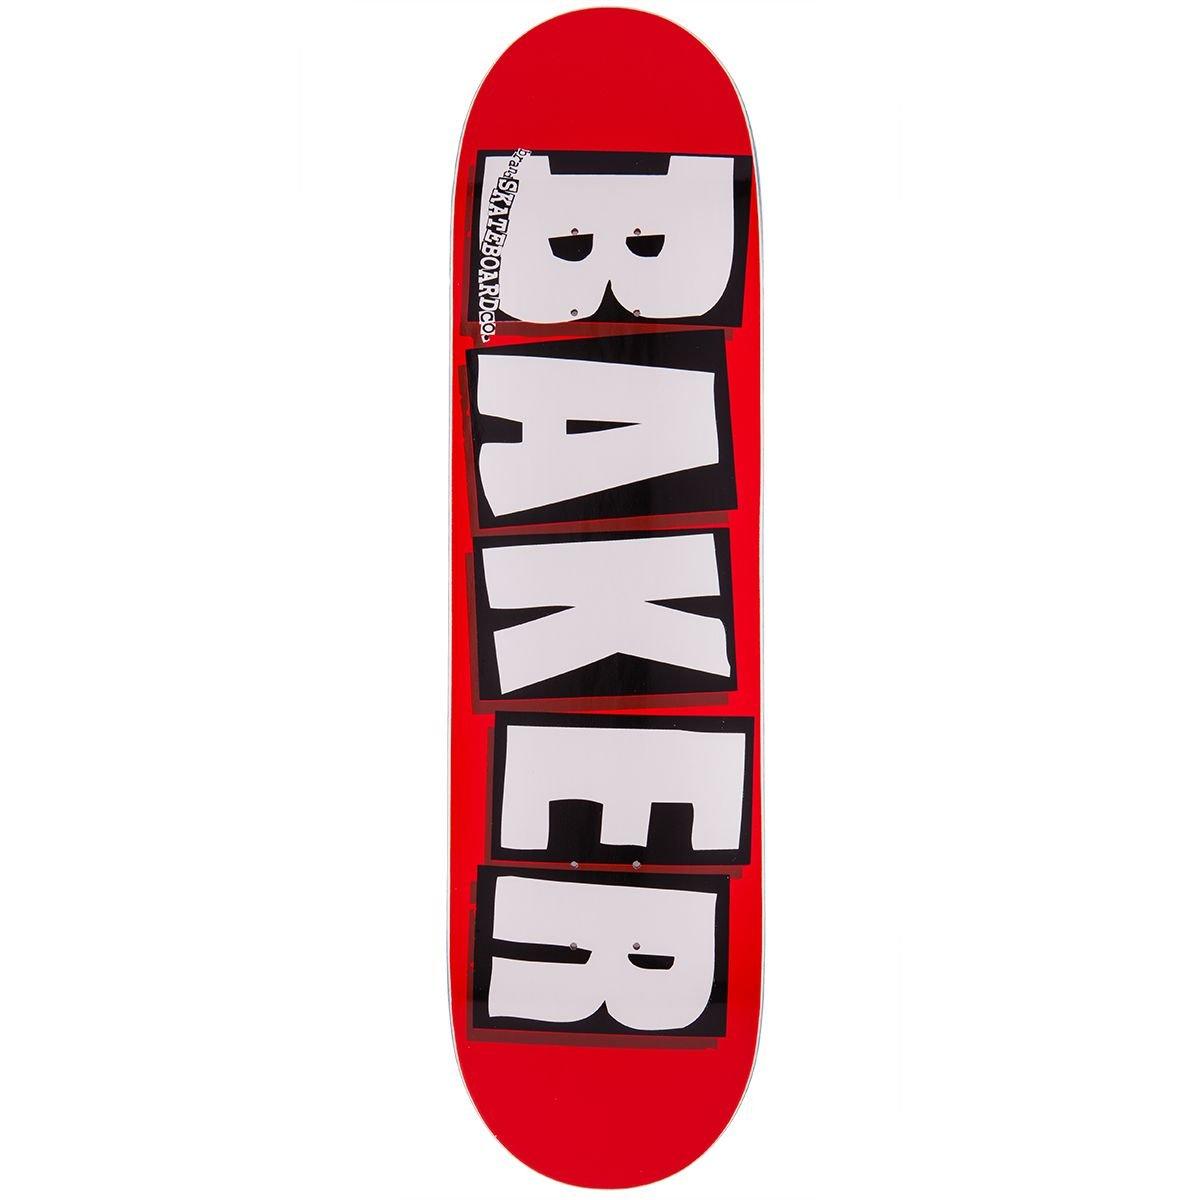 Baker Brand Logo Skateboard Deck - White - 8.0''